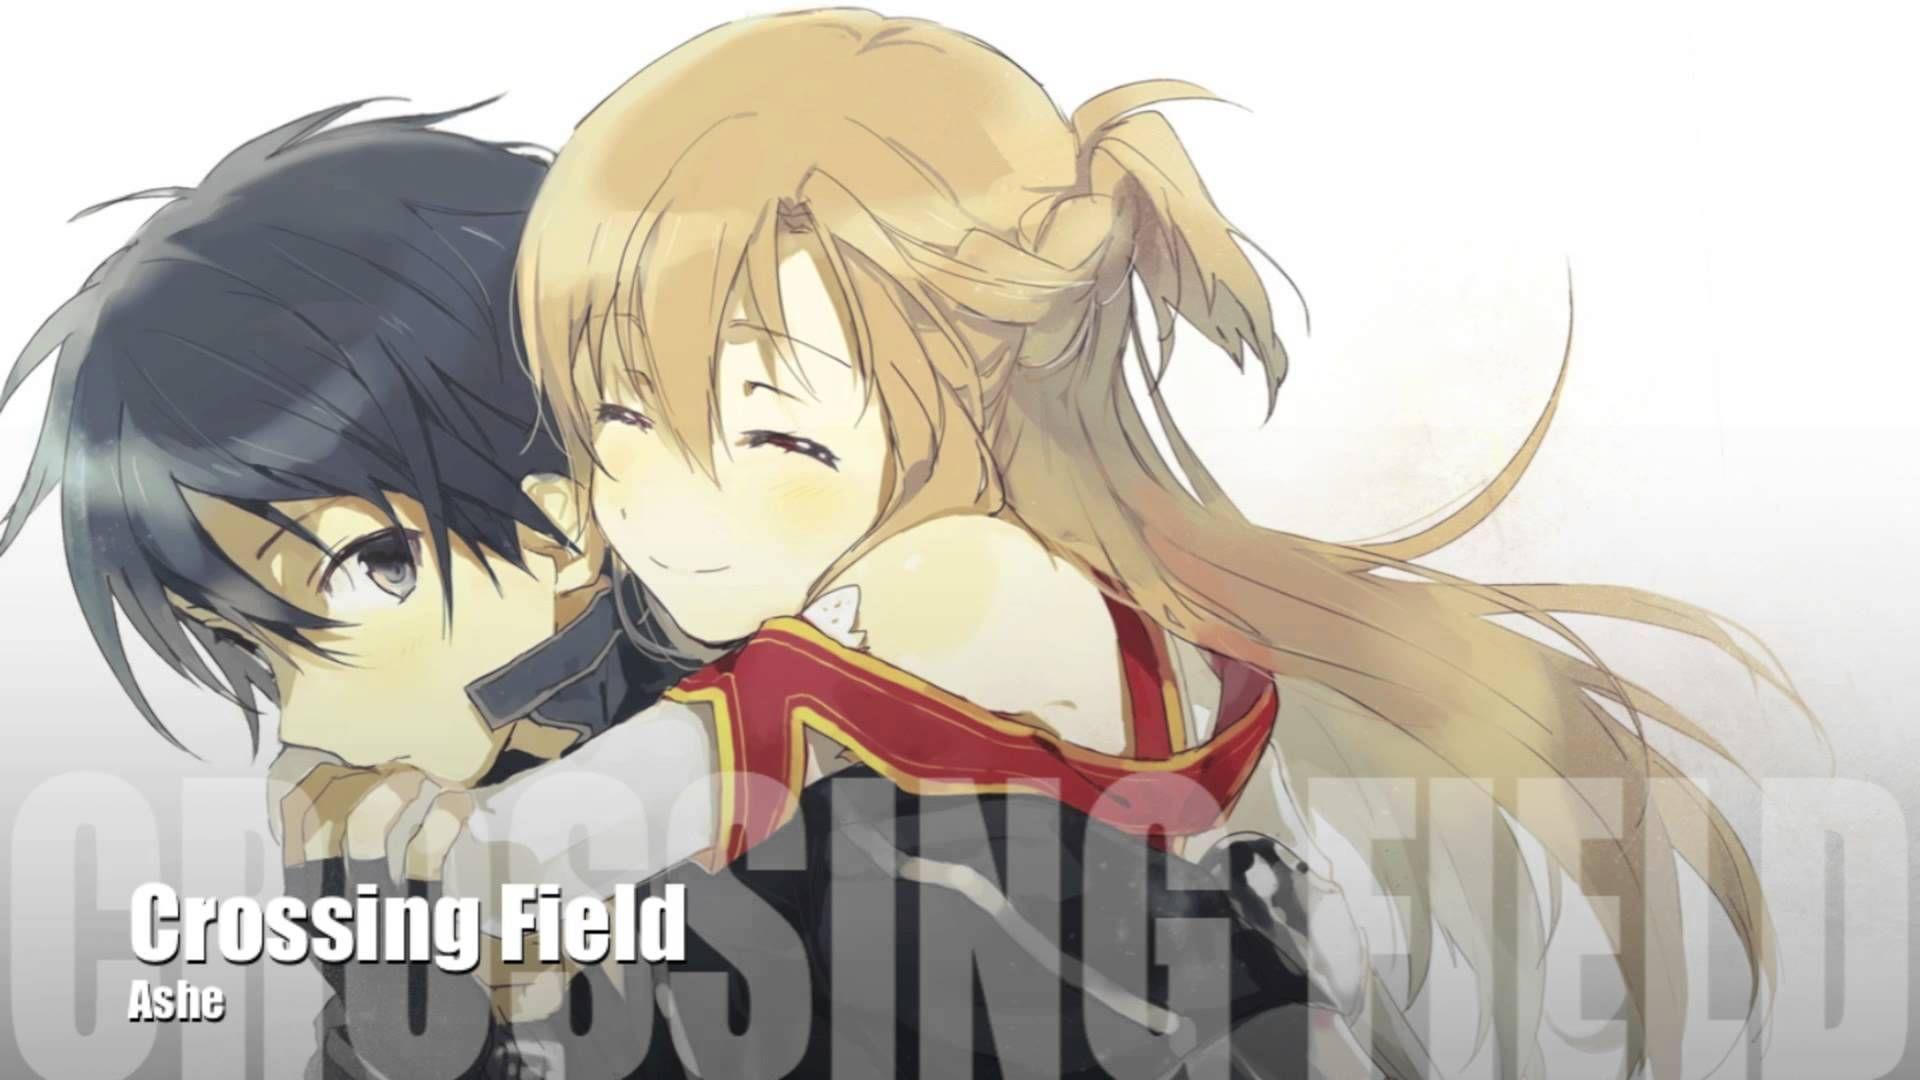 [Sword Art Online OP] Crossing Field【Ashe】ENGLISH